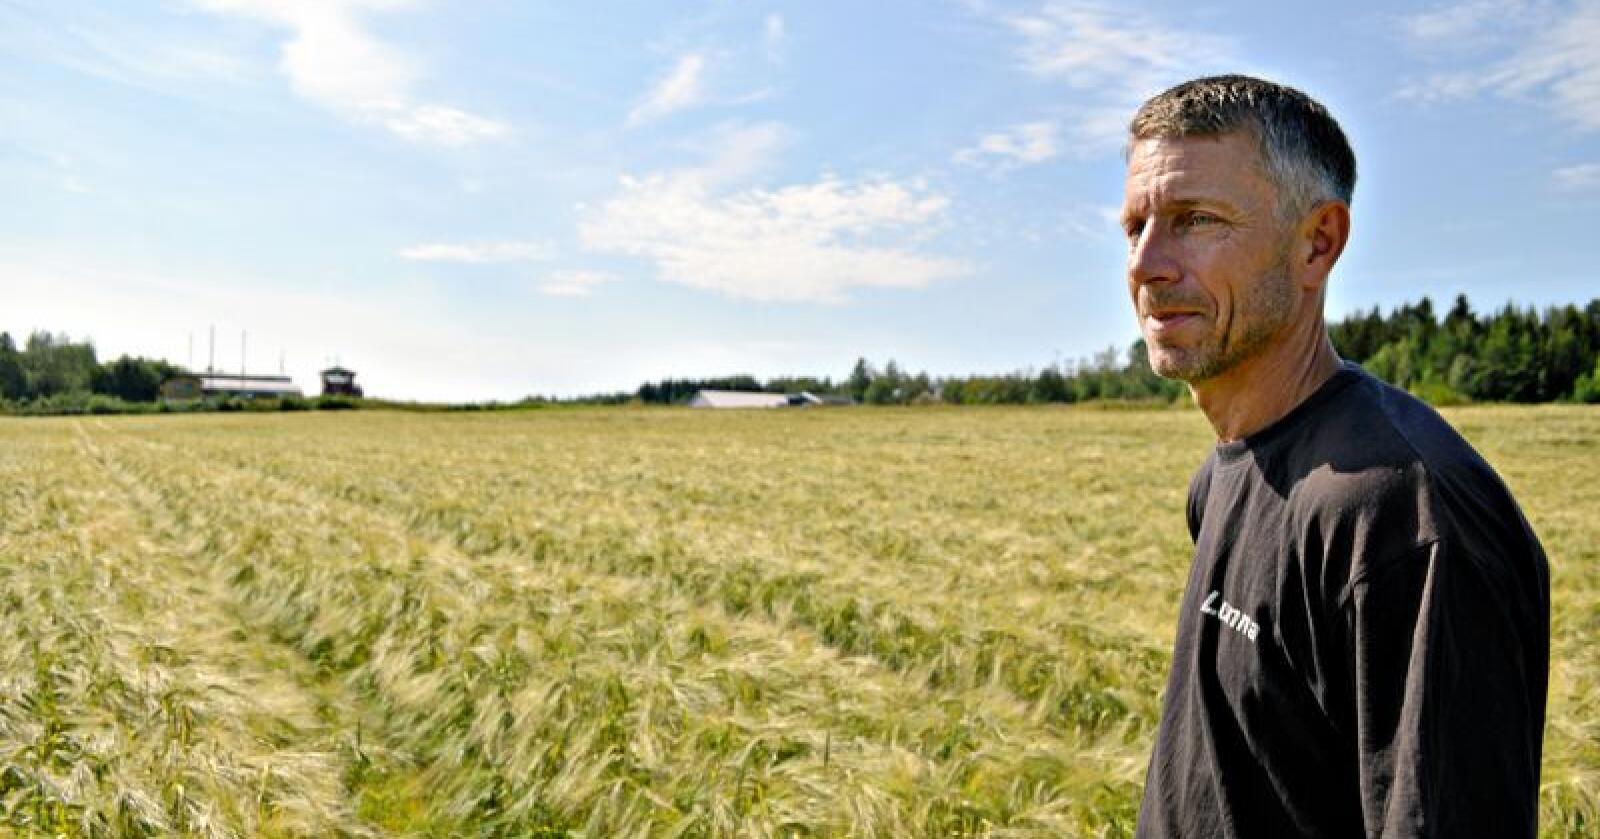 Flyplassbonde: Ole Johan Stafsberg dyrker jord helt opp mot Hamar flyplass. Han frykter at kommunens vedtatte vekstplaner i området vil ramme deler av hans eget livsverk. (Foto: Ørjan Brendløkken, Hamar Arbeiderblad)